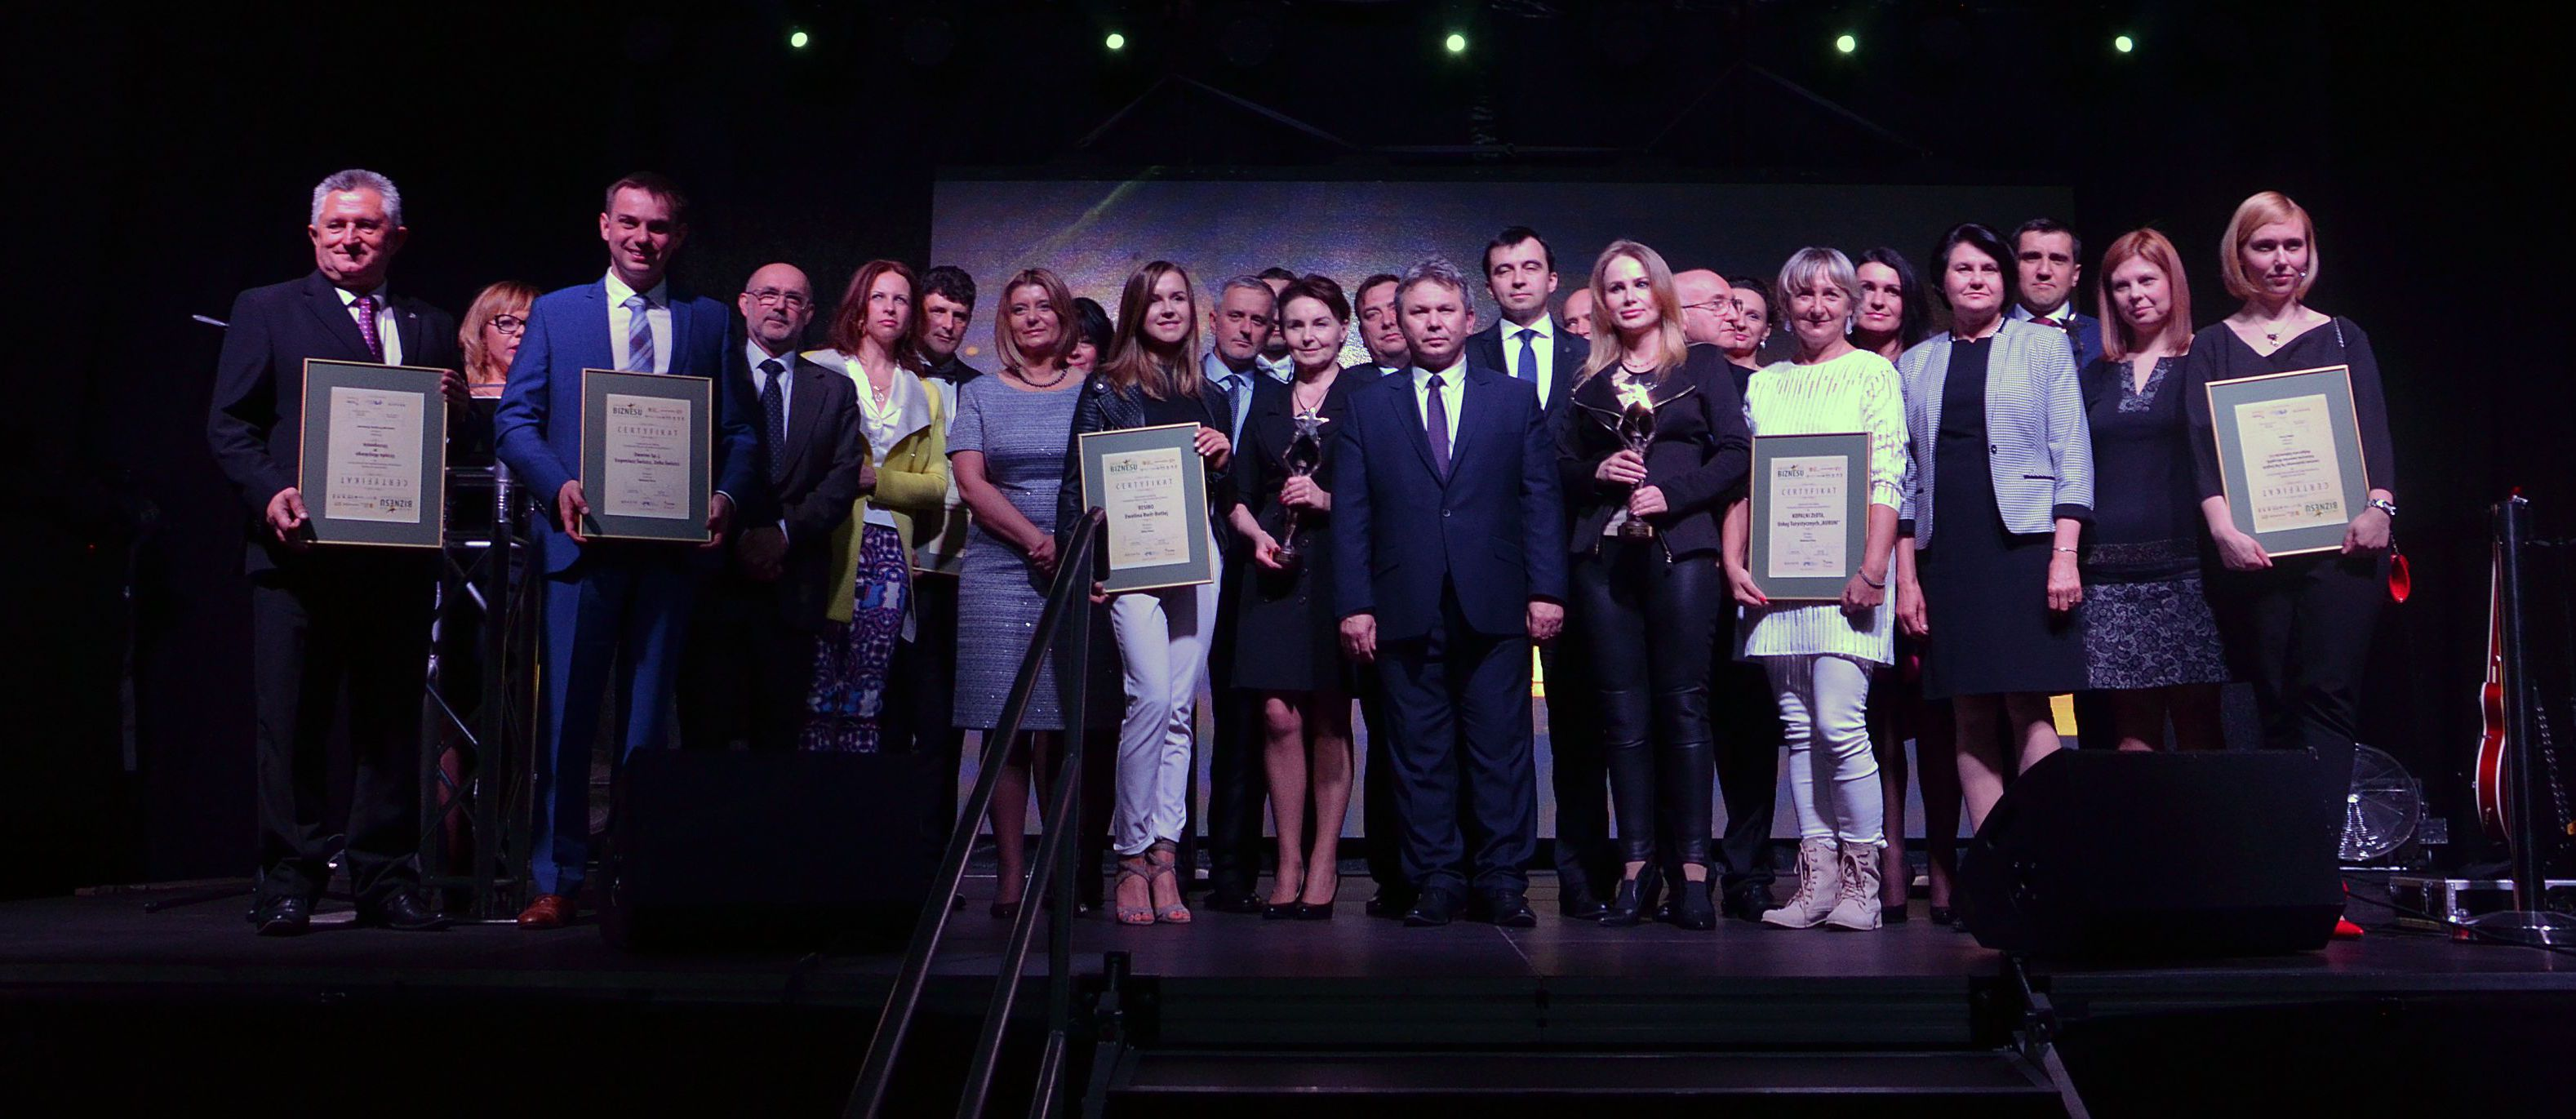 WSSE - Gwiazdy Biznesu - zwyciezcy i laureaci